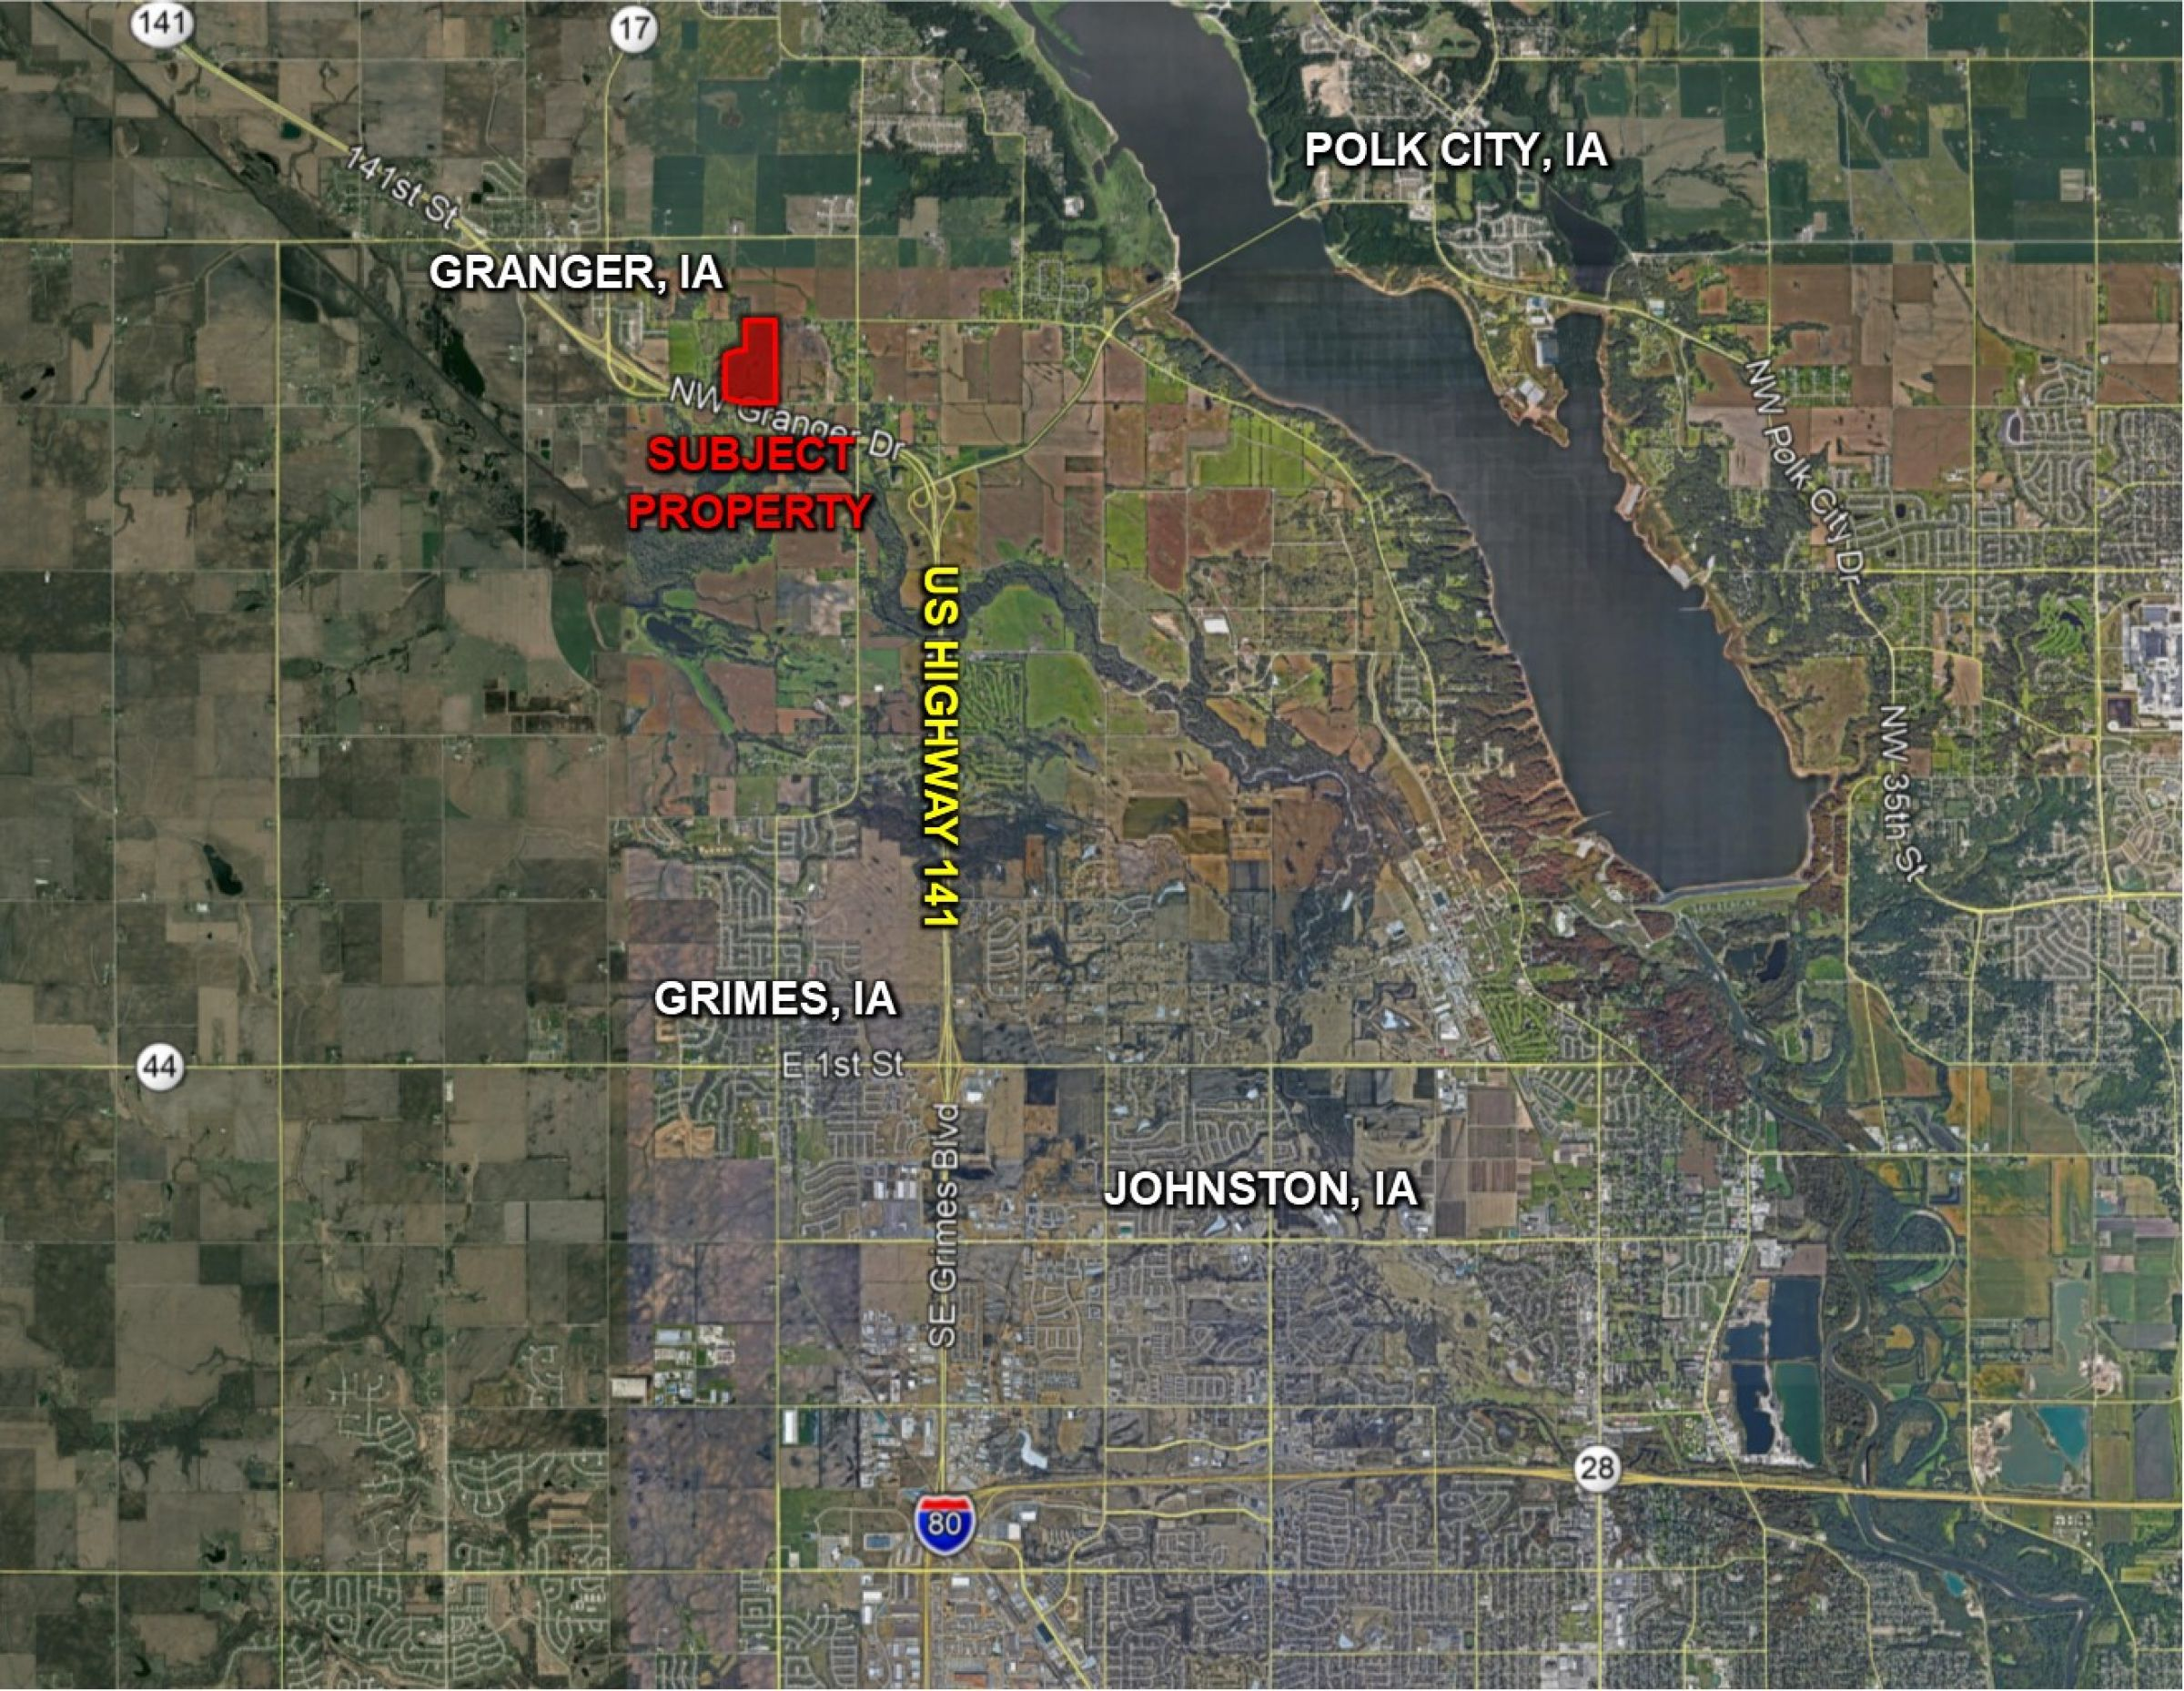 14492-80-acres-ml-polk-county-iowa-1-2019-04-16-135331.jpg